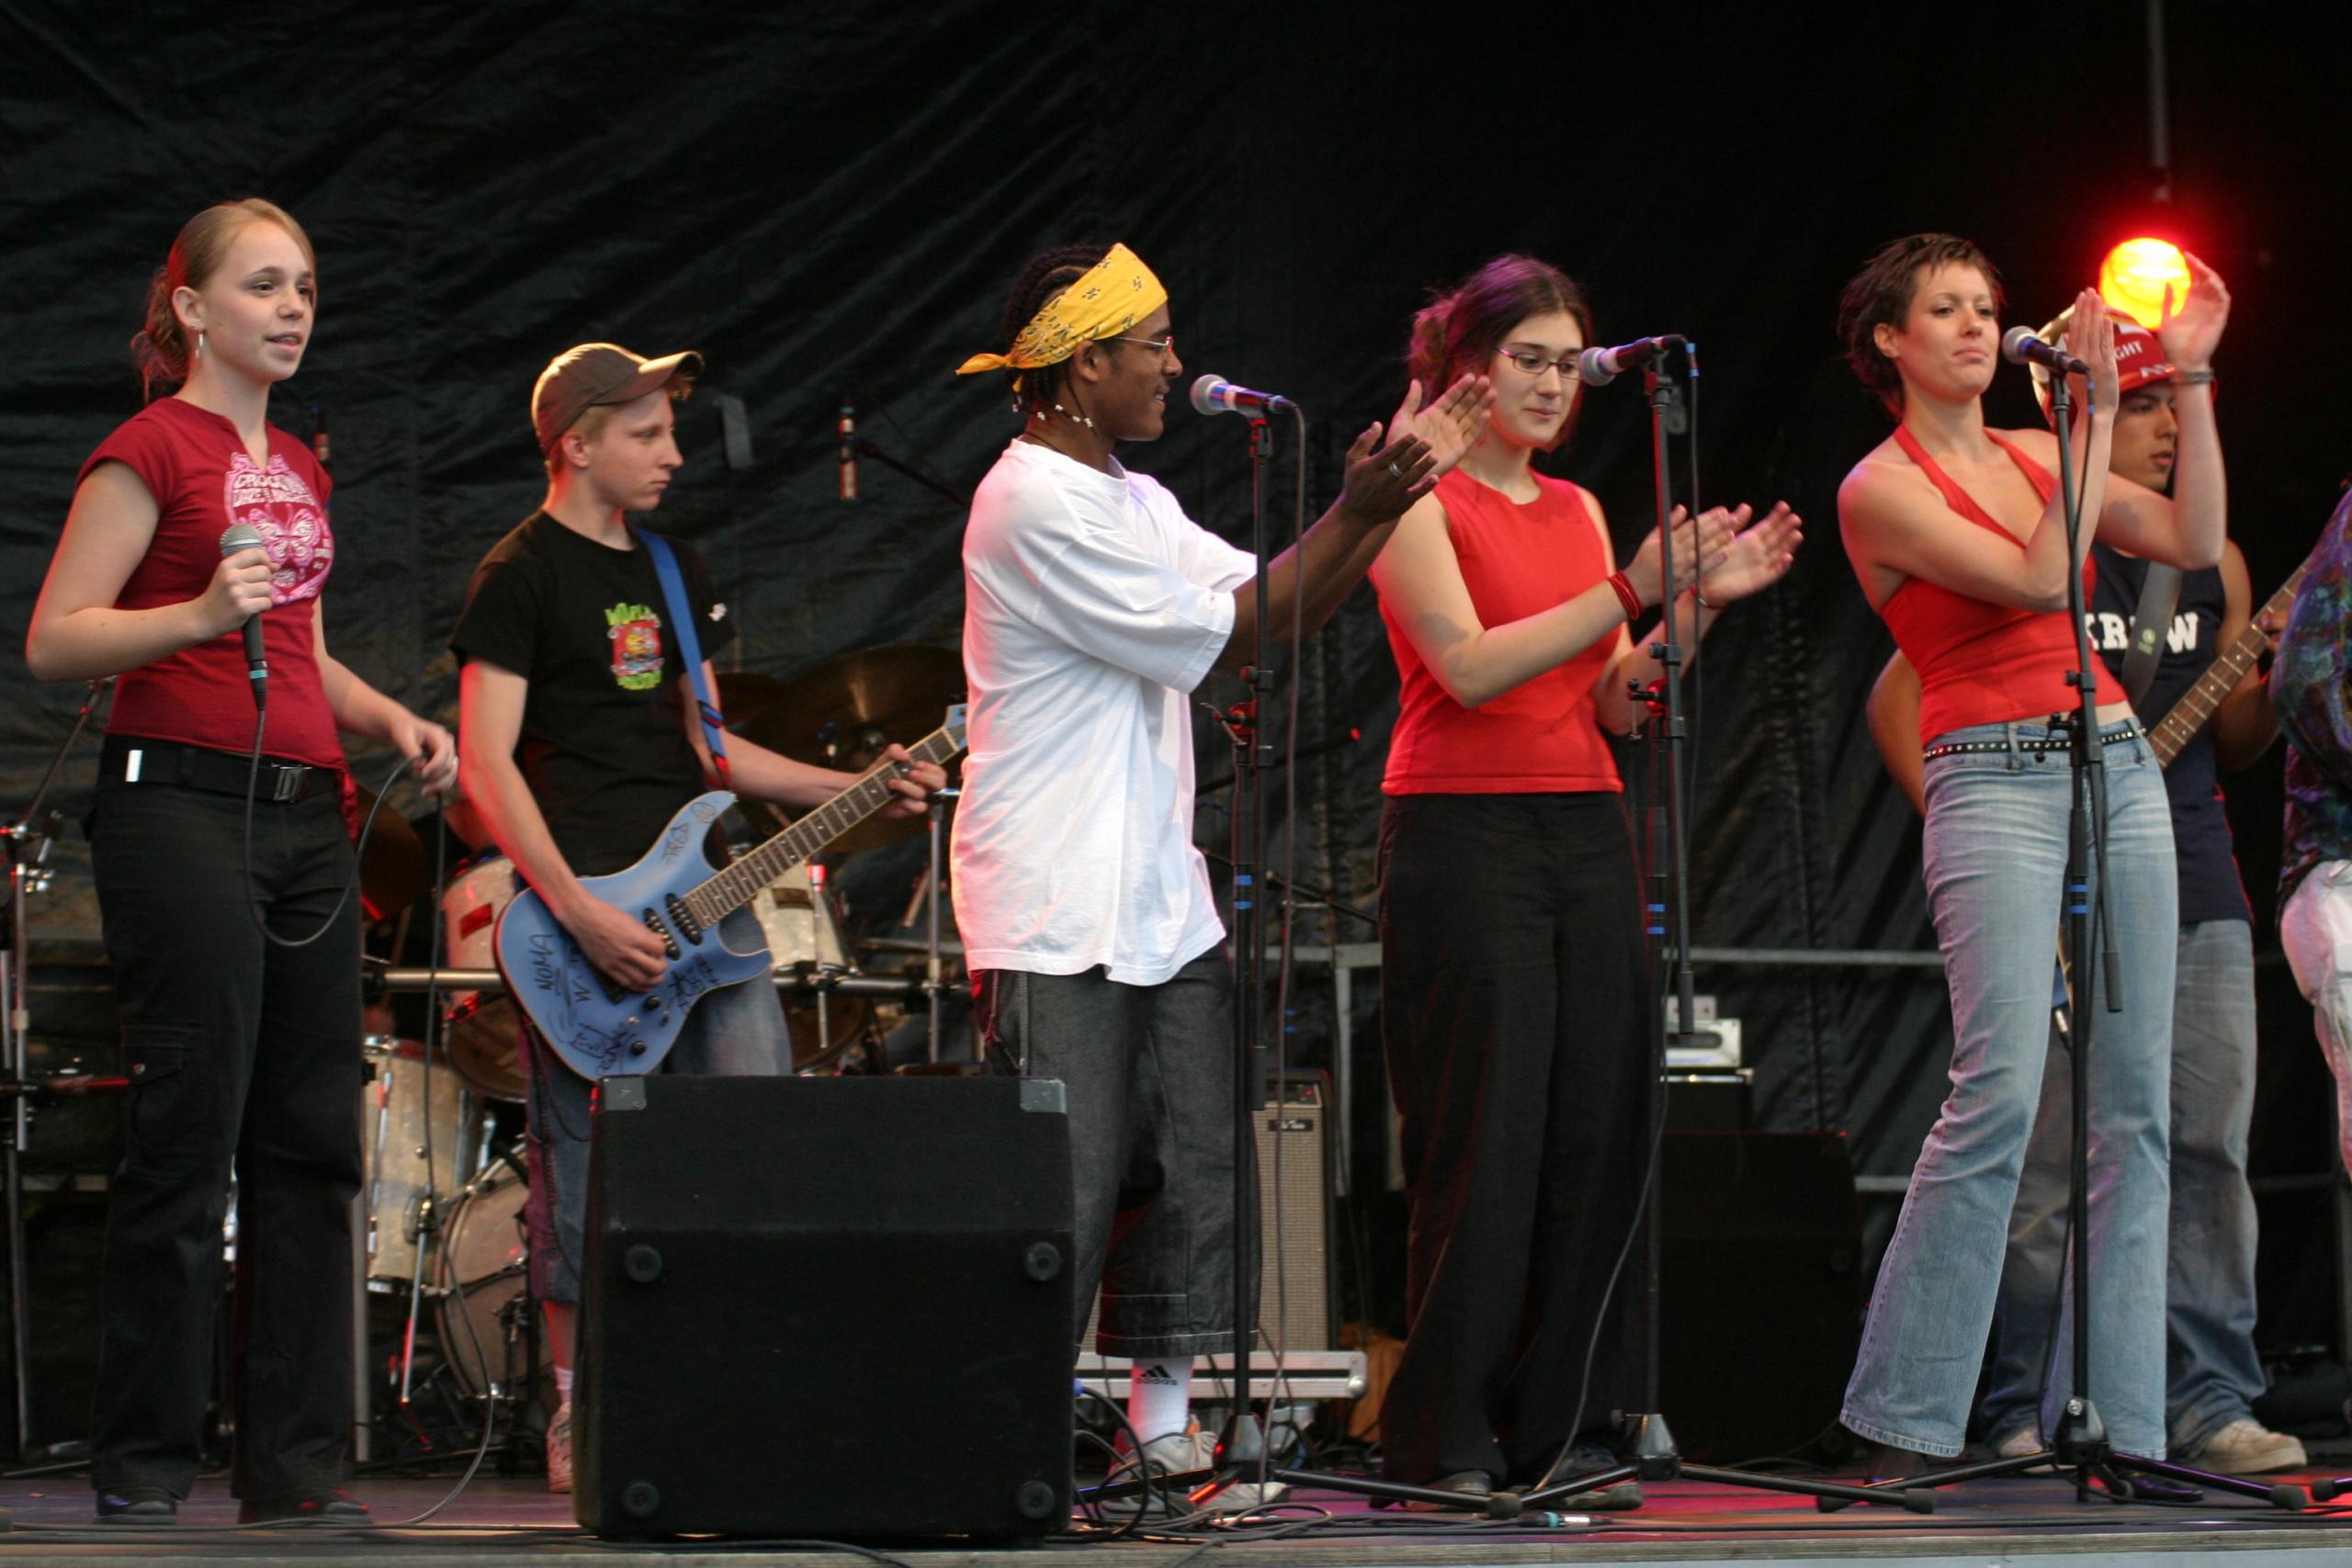 Groupe de musique Sur scène Concert Suisse